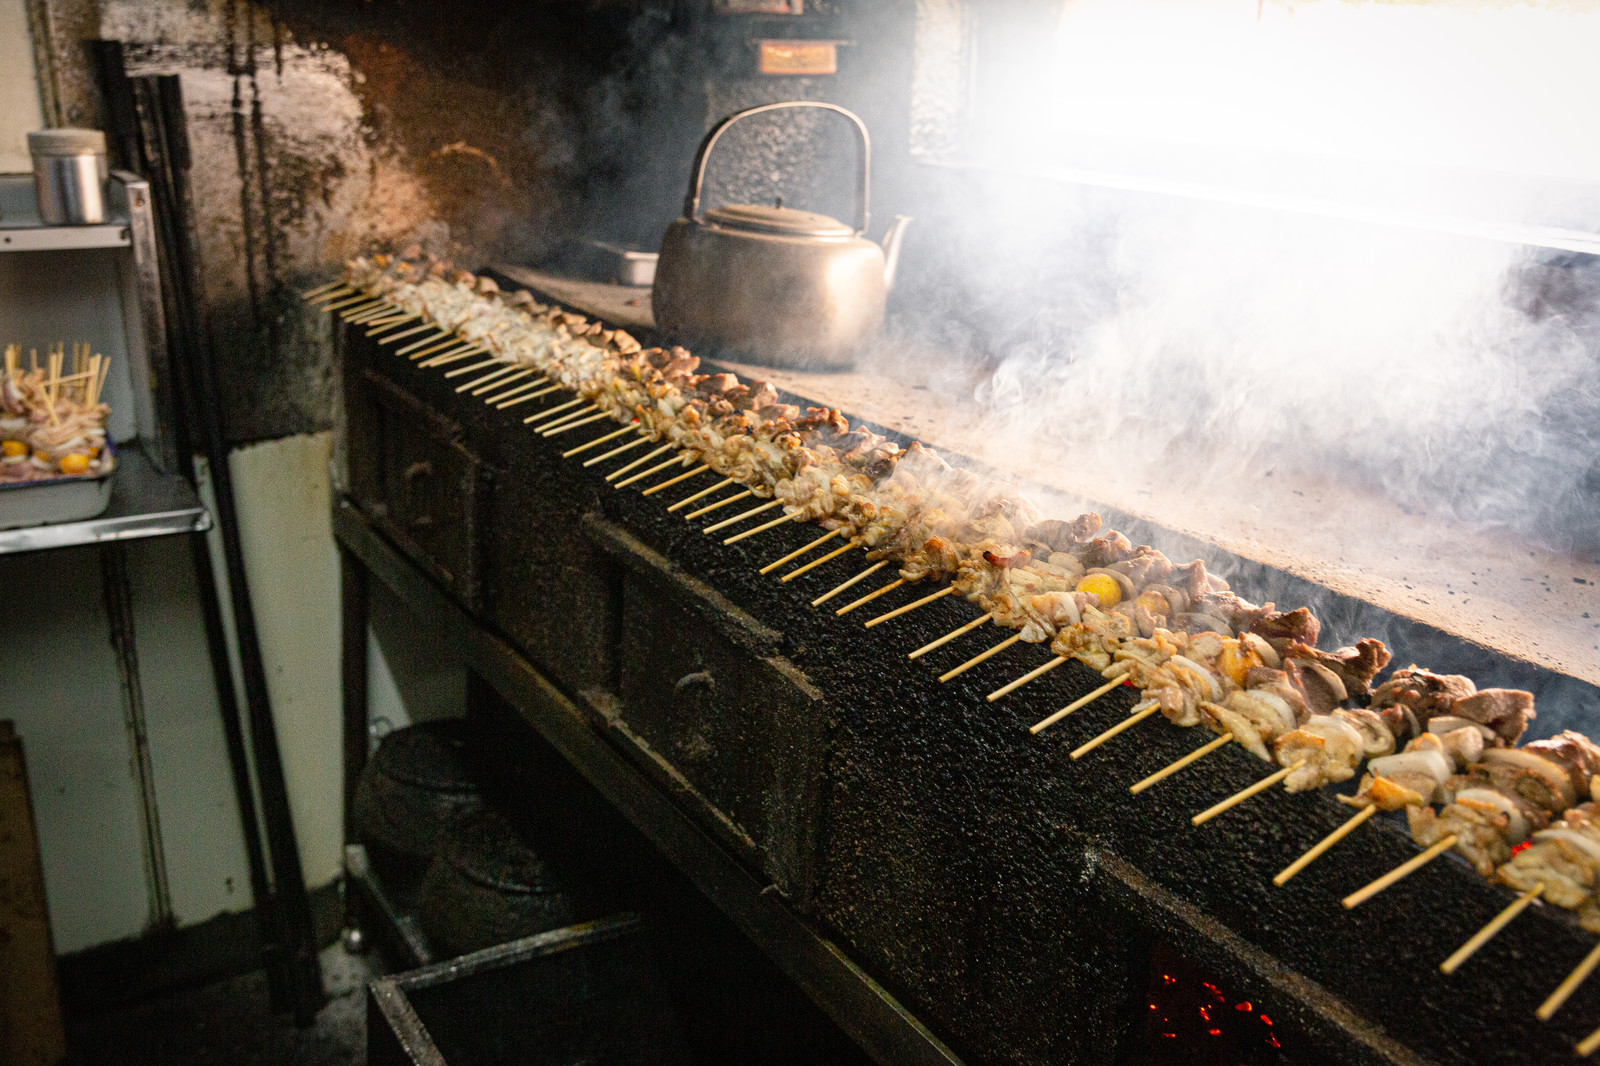 「炭火台にずらりと並んだ美唄焼き鳥」の写真